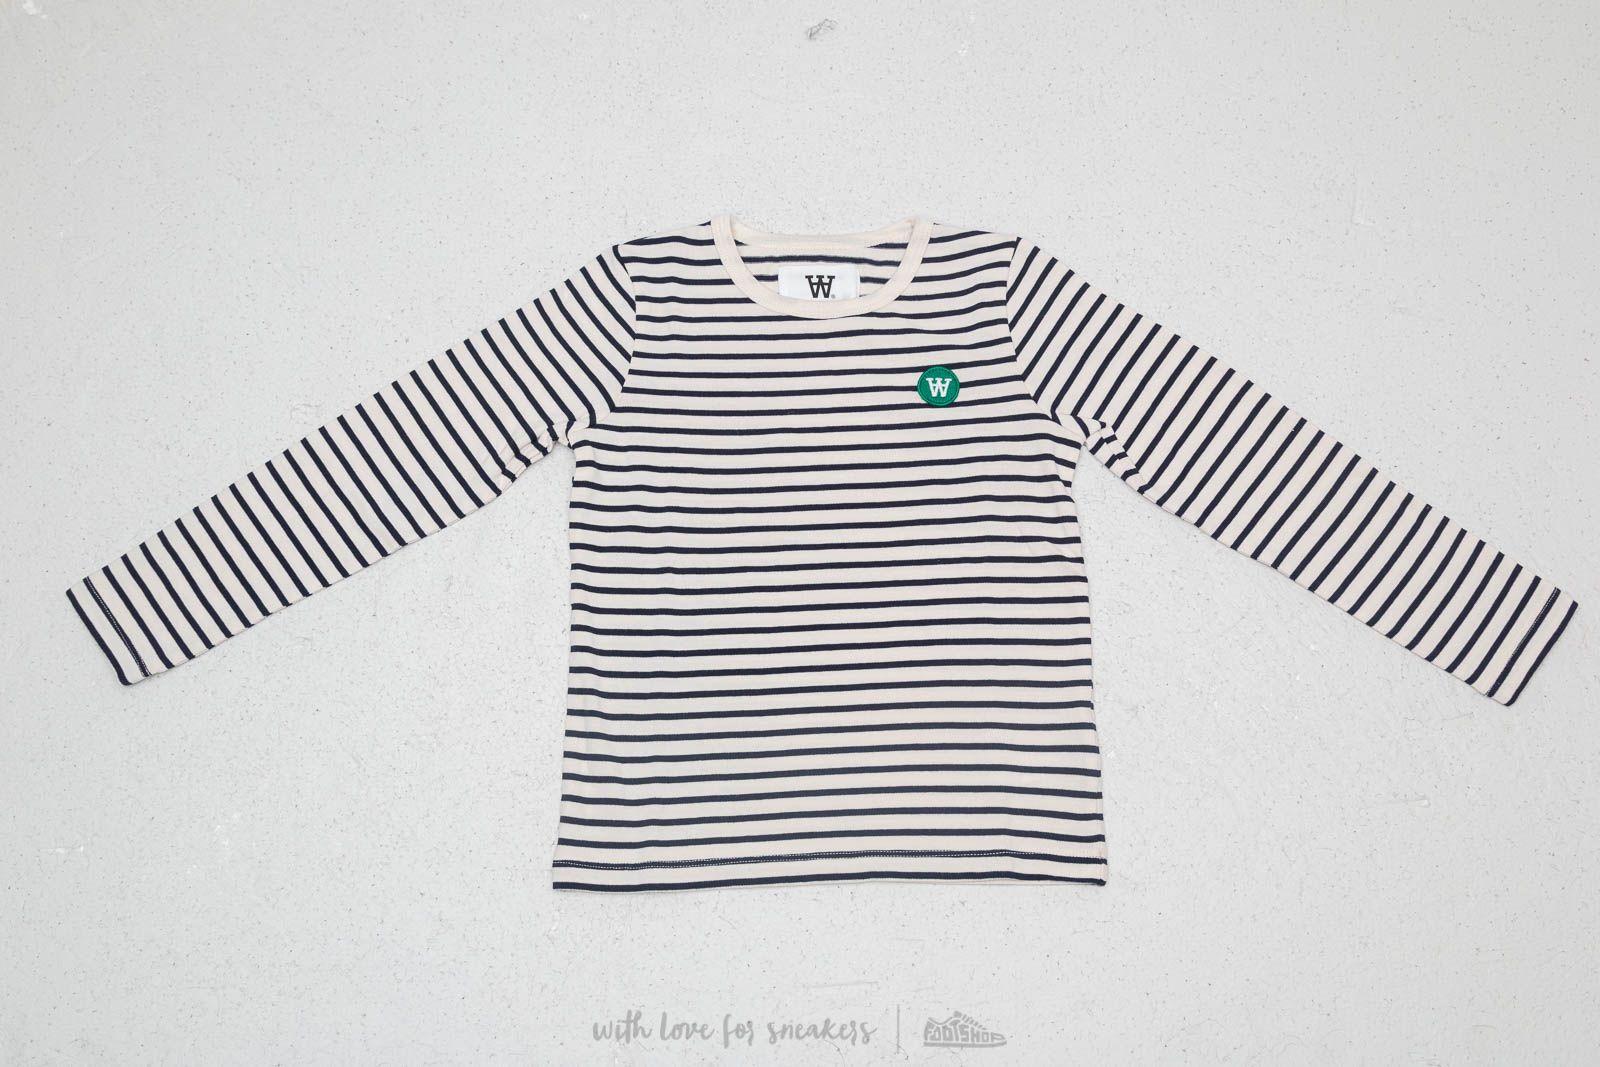 WOOD WOOD Kids Kim Longsleeve Tee Off White/ Navy Stripes za skvělou cenu 630 Kč koupíte na Footshop.cz